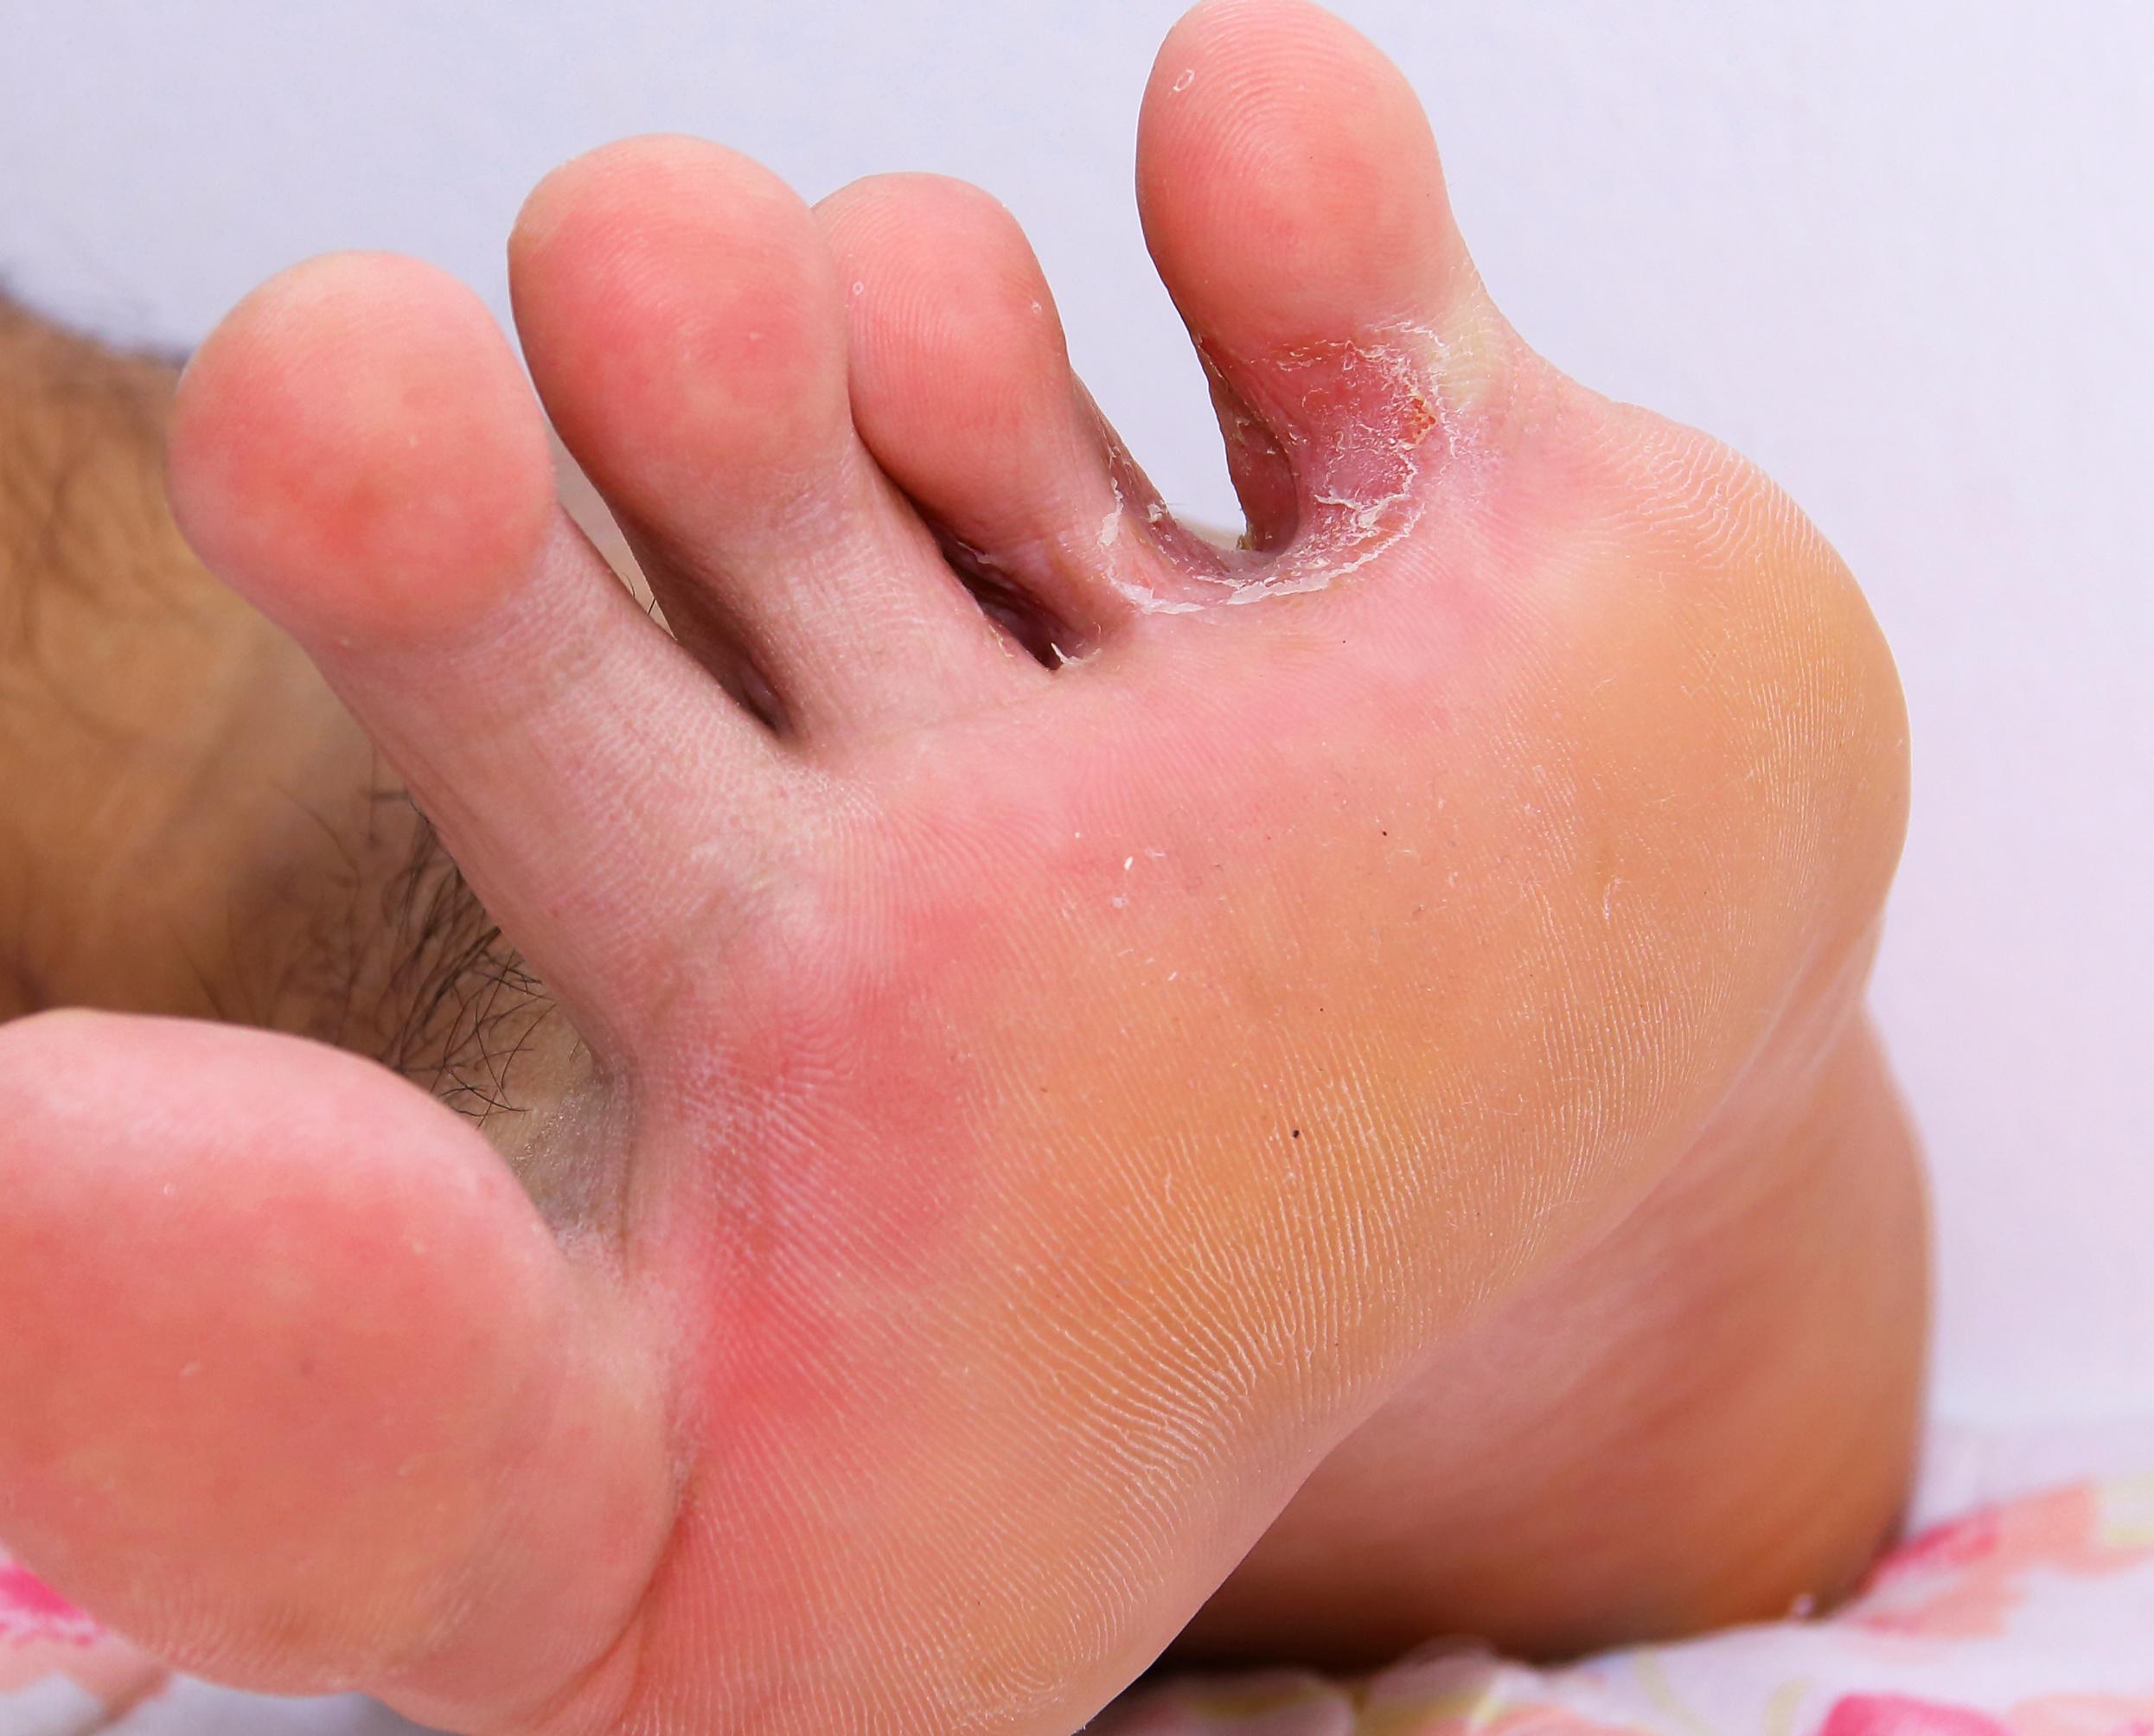 vörös foltok a lábujjak között a lábujjak között vörös foltok a bőrön szőrtelenítés után